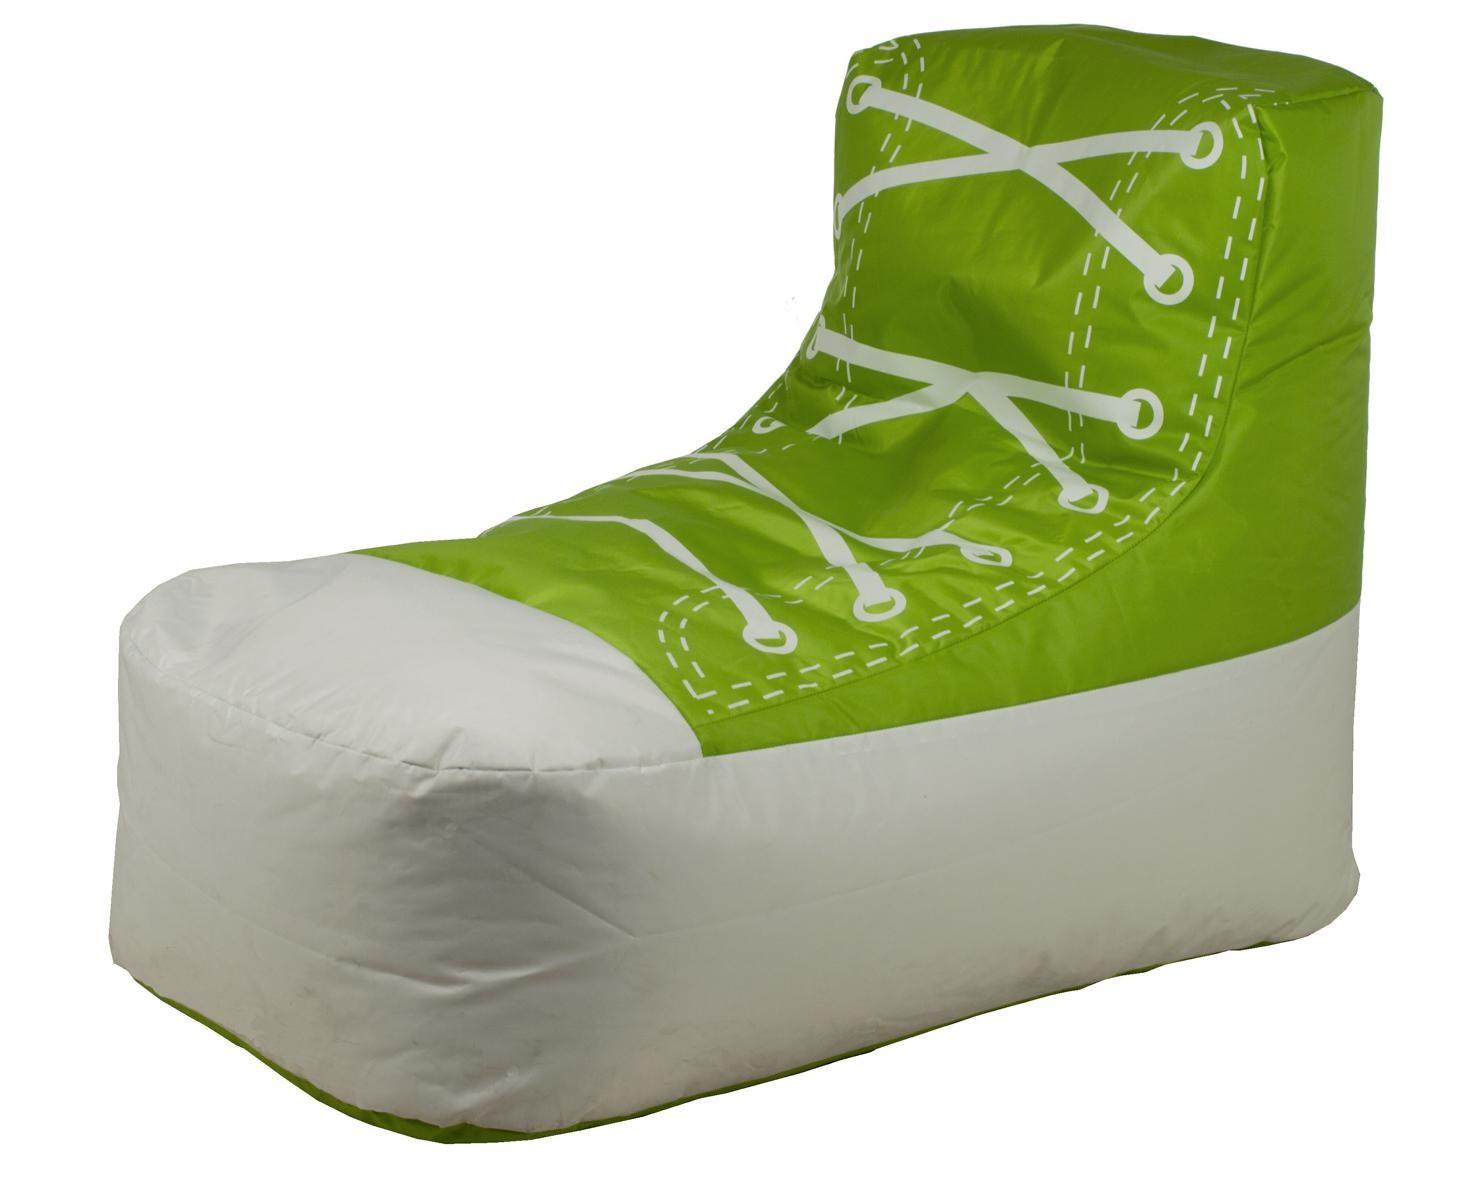 Sitzsack mod sneaker weiss gr n h c m bel - Arbeitszimmer grun ...